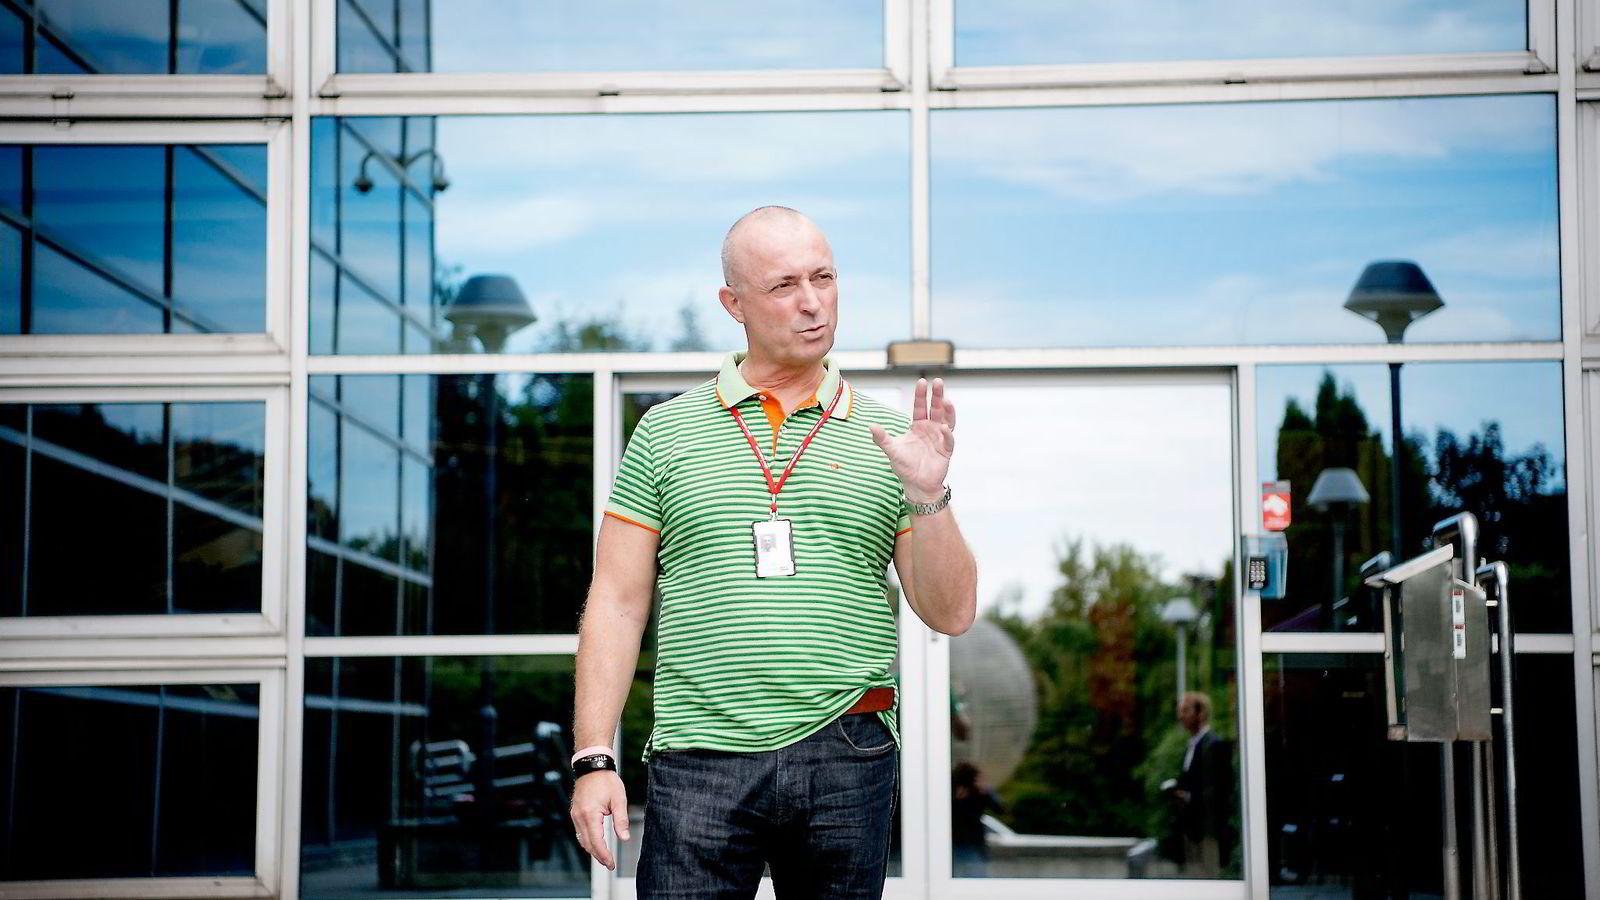 Administrerende direktør Erik Jensen i Bank Norwegian sier Google er blitt den viktigste salgskanalen. Banken betaler rundt 550 kroner for hvert klikk på en Google-annonse, uavhengig av om avsenderen blir kunde eller ikke.